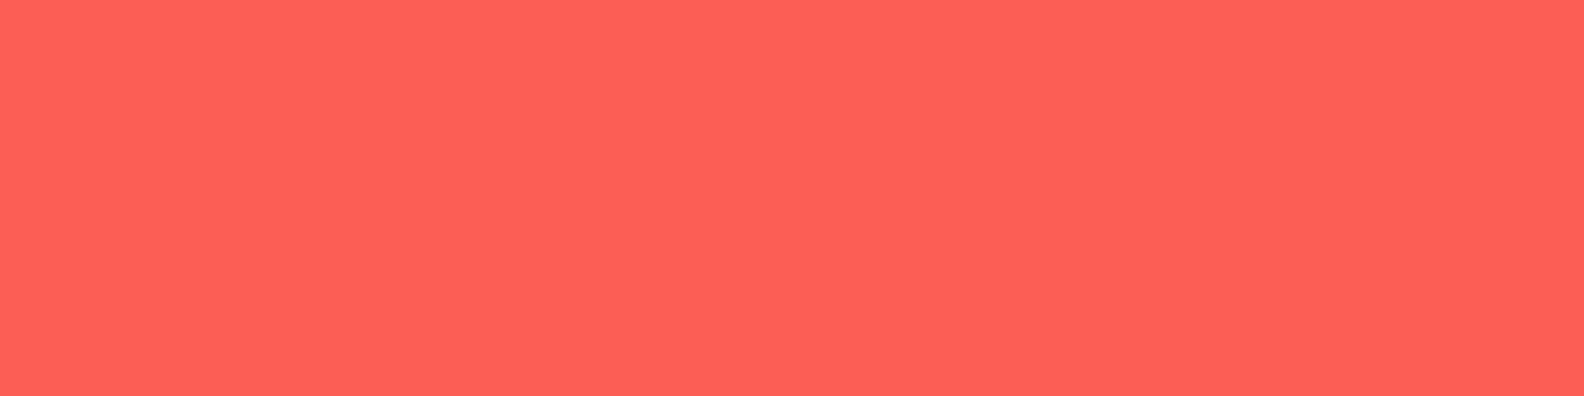 1584x396 Sunset Orange Solid Color Background